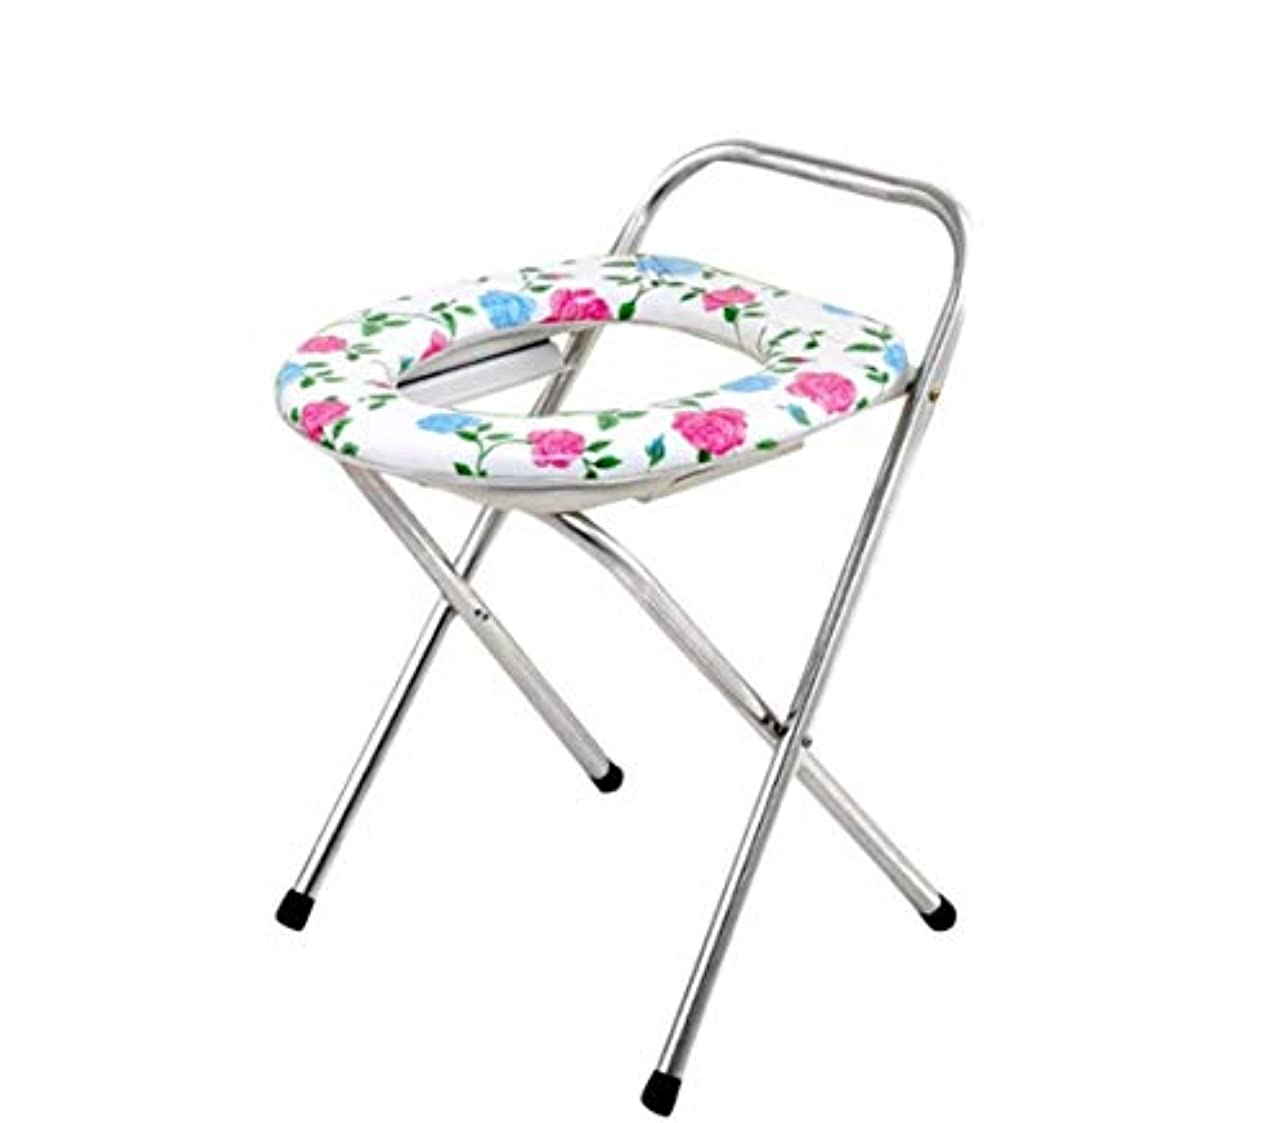 消費する身元熱帯の高齢者の障害のための折りたたみ式便器椅子止まり台ステンレス鋼フレーム